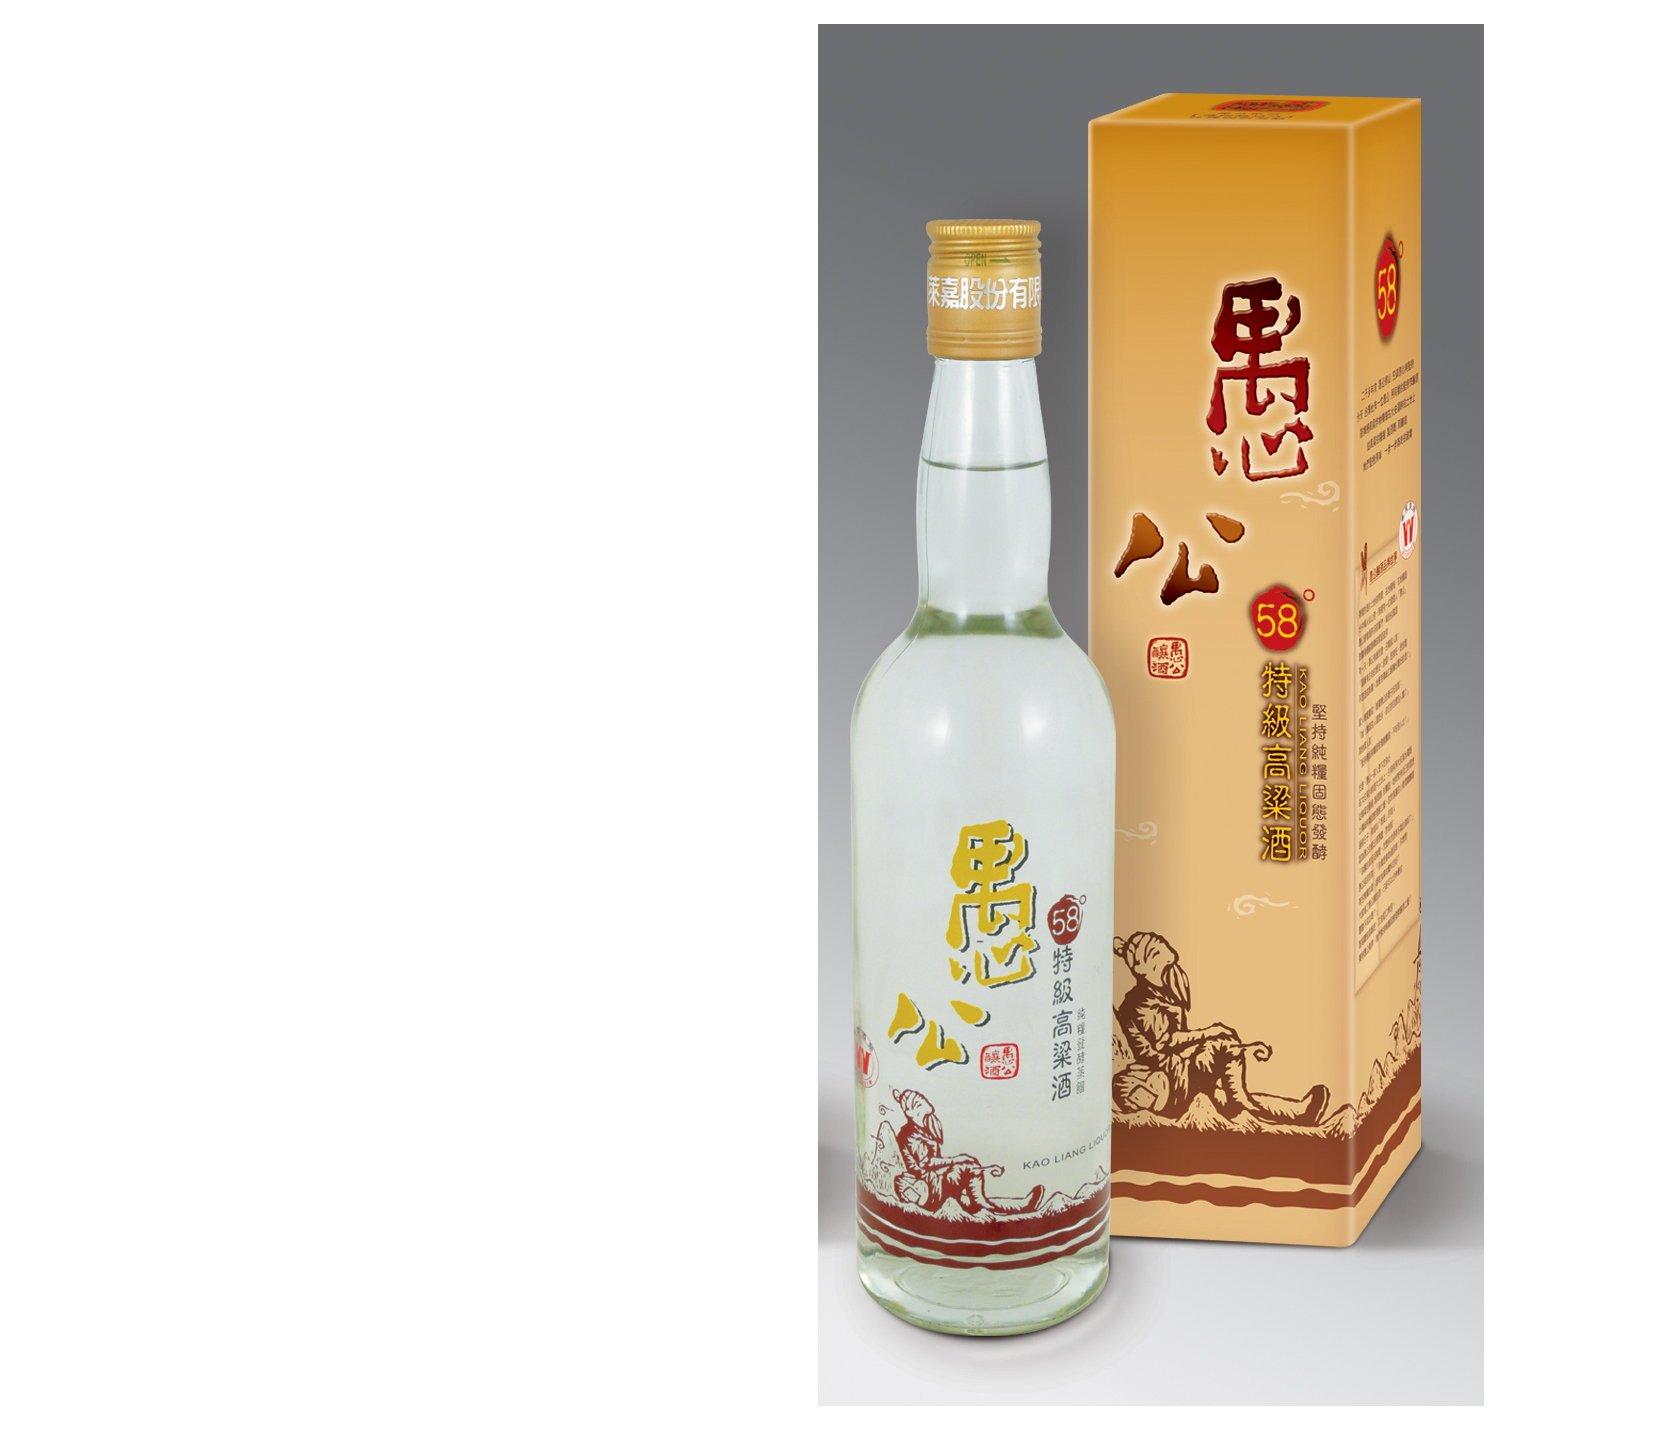 bdo how to make essence of liquor